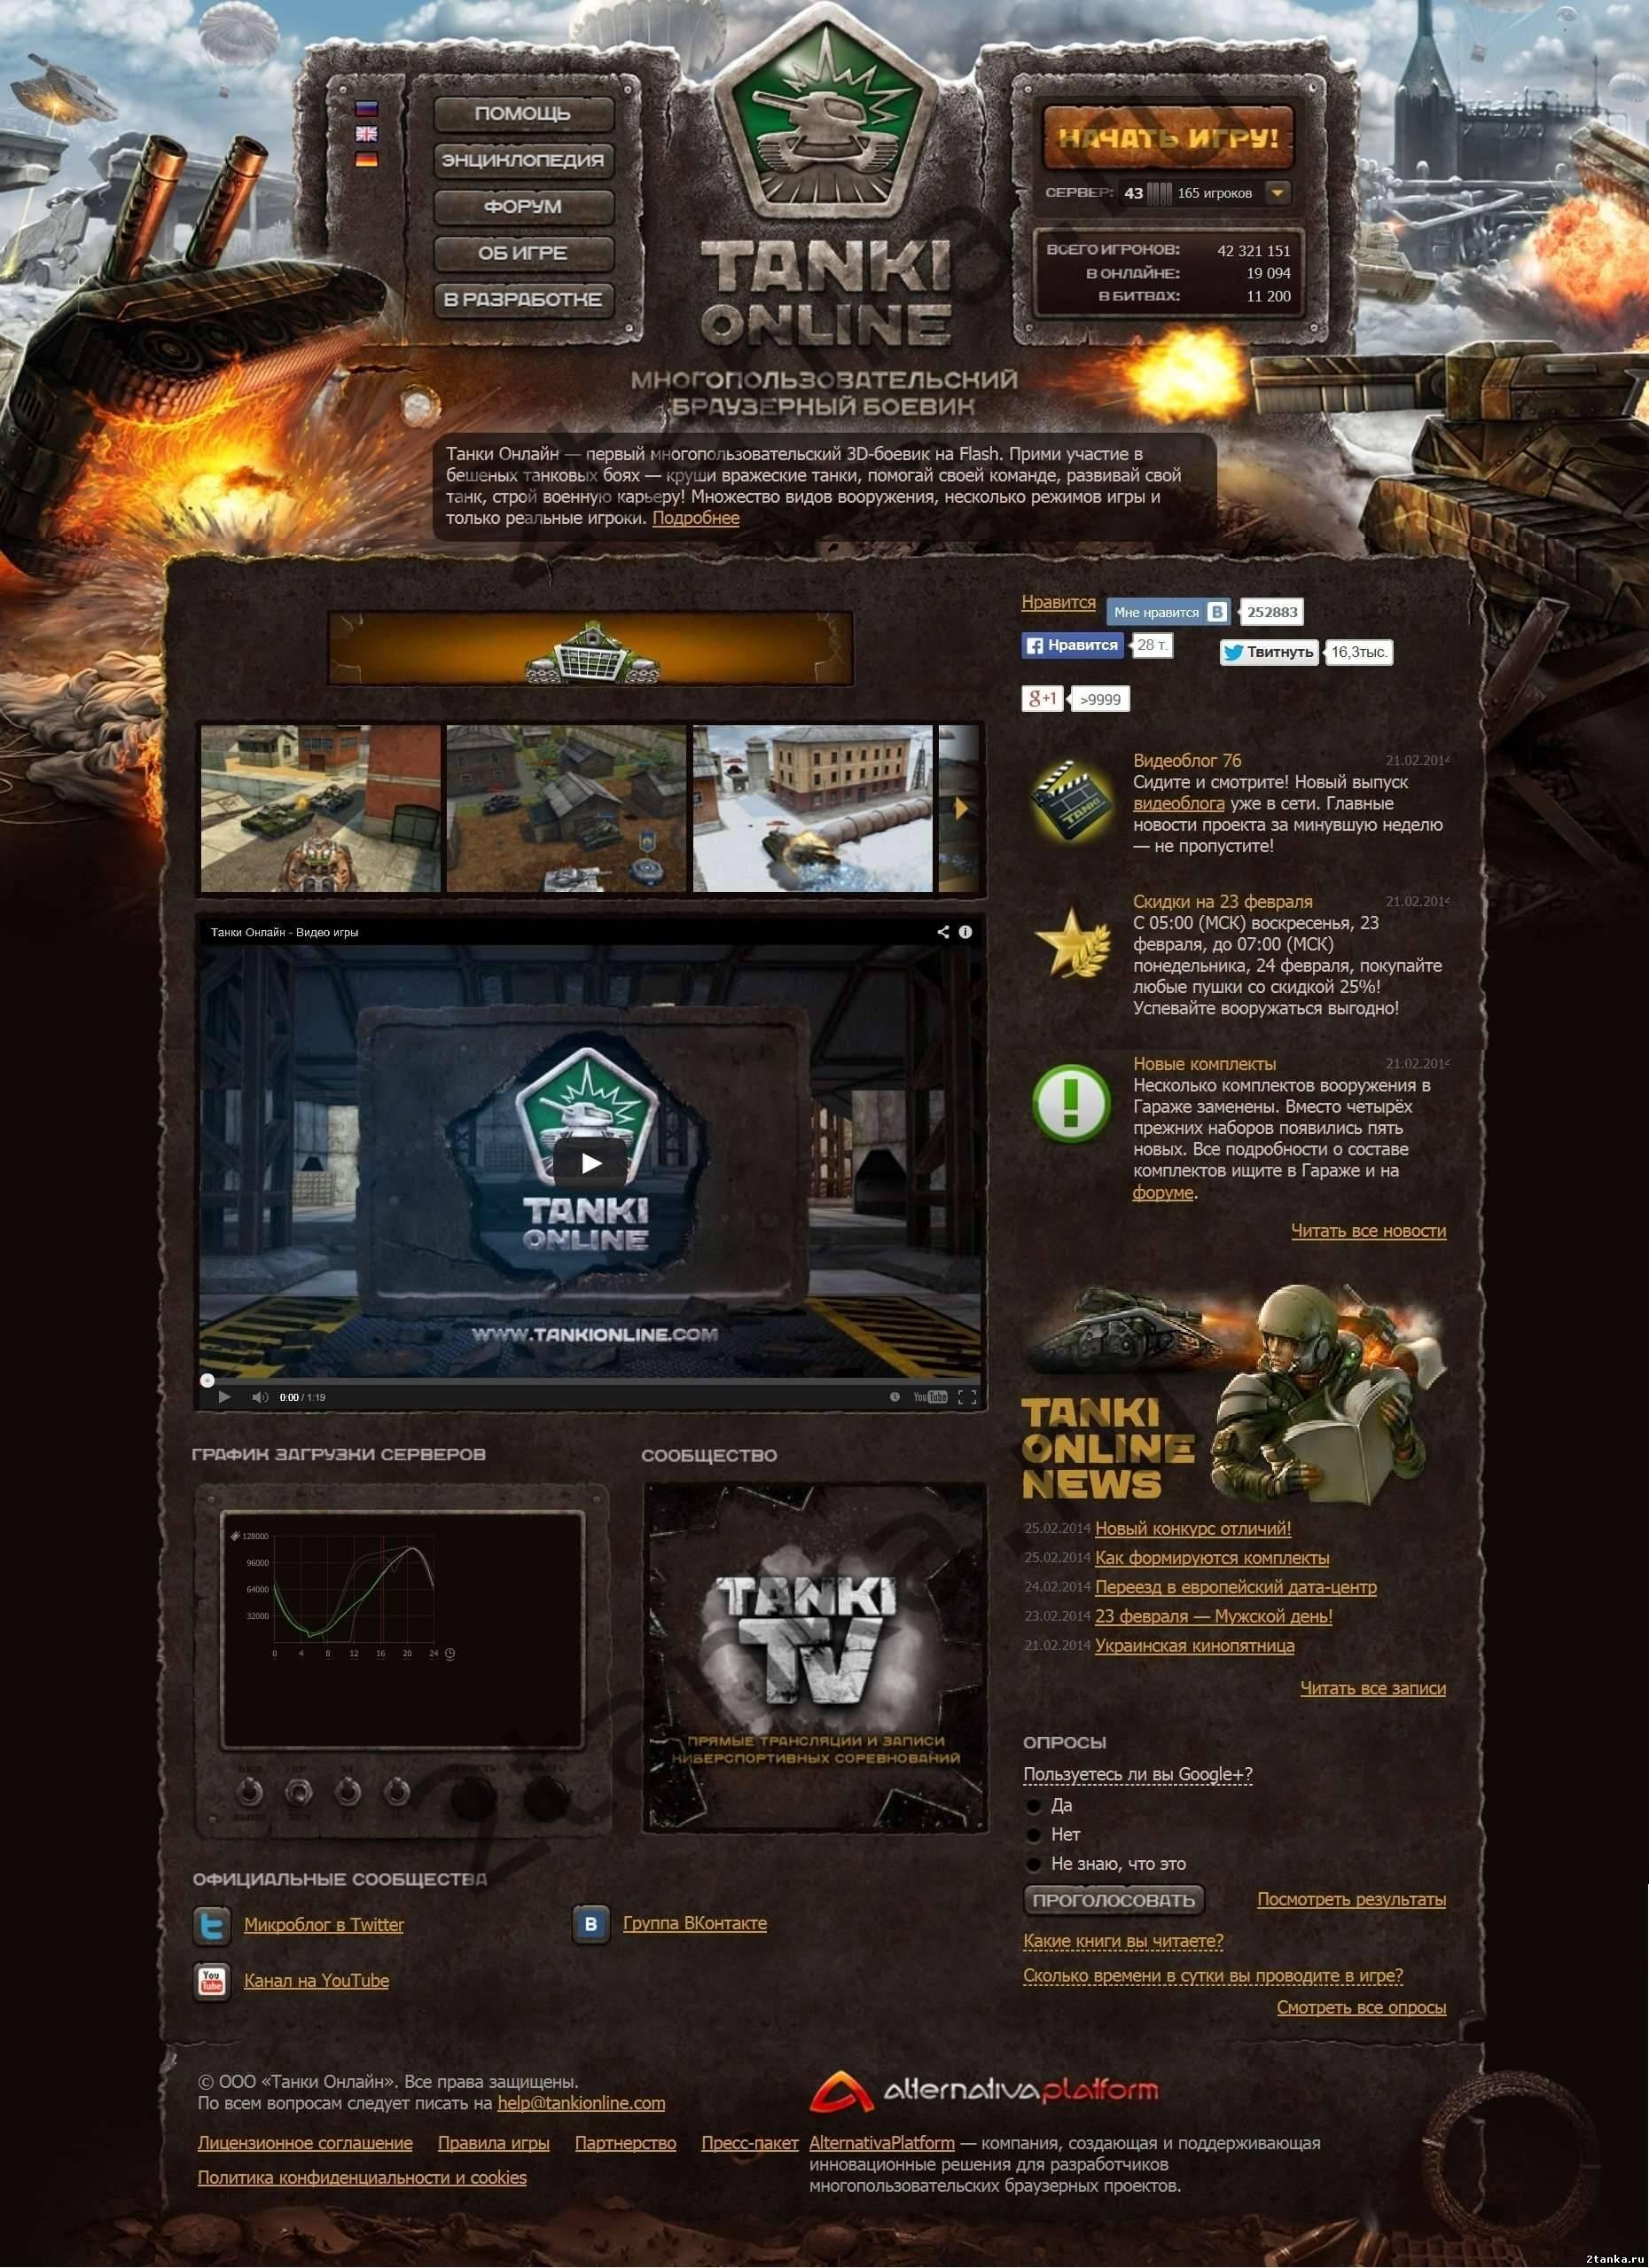 Главная страница обновлена Танков онлайн обновлена